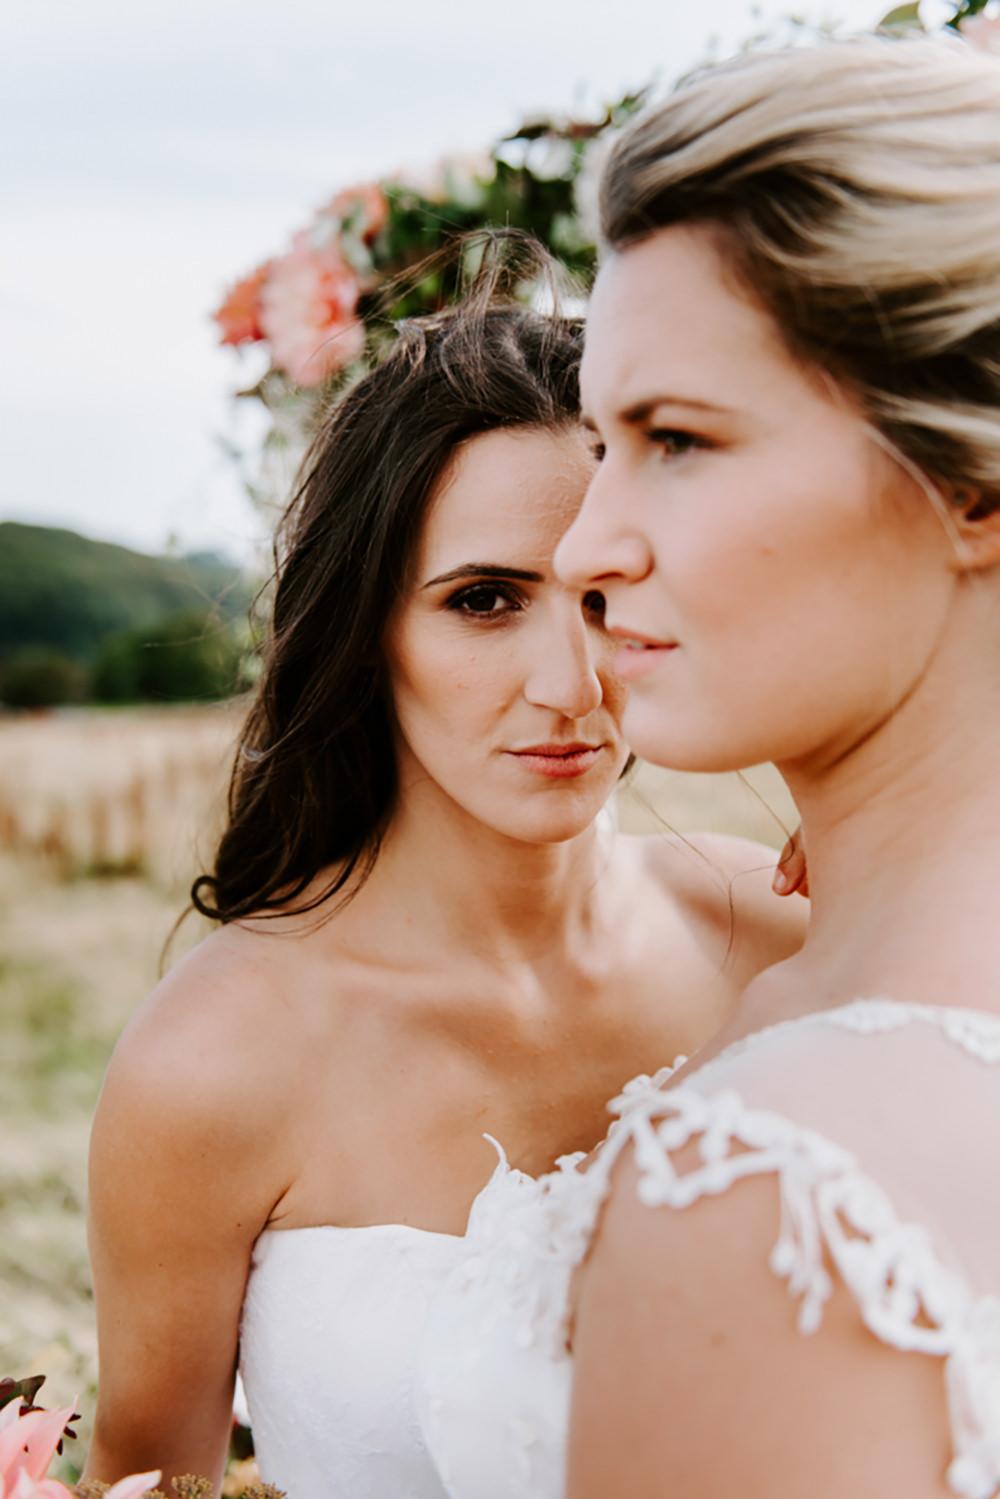 Bride Bridal Make Up Ethical Wedding Ideas Sadie Osborne Photography